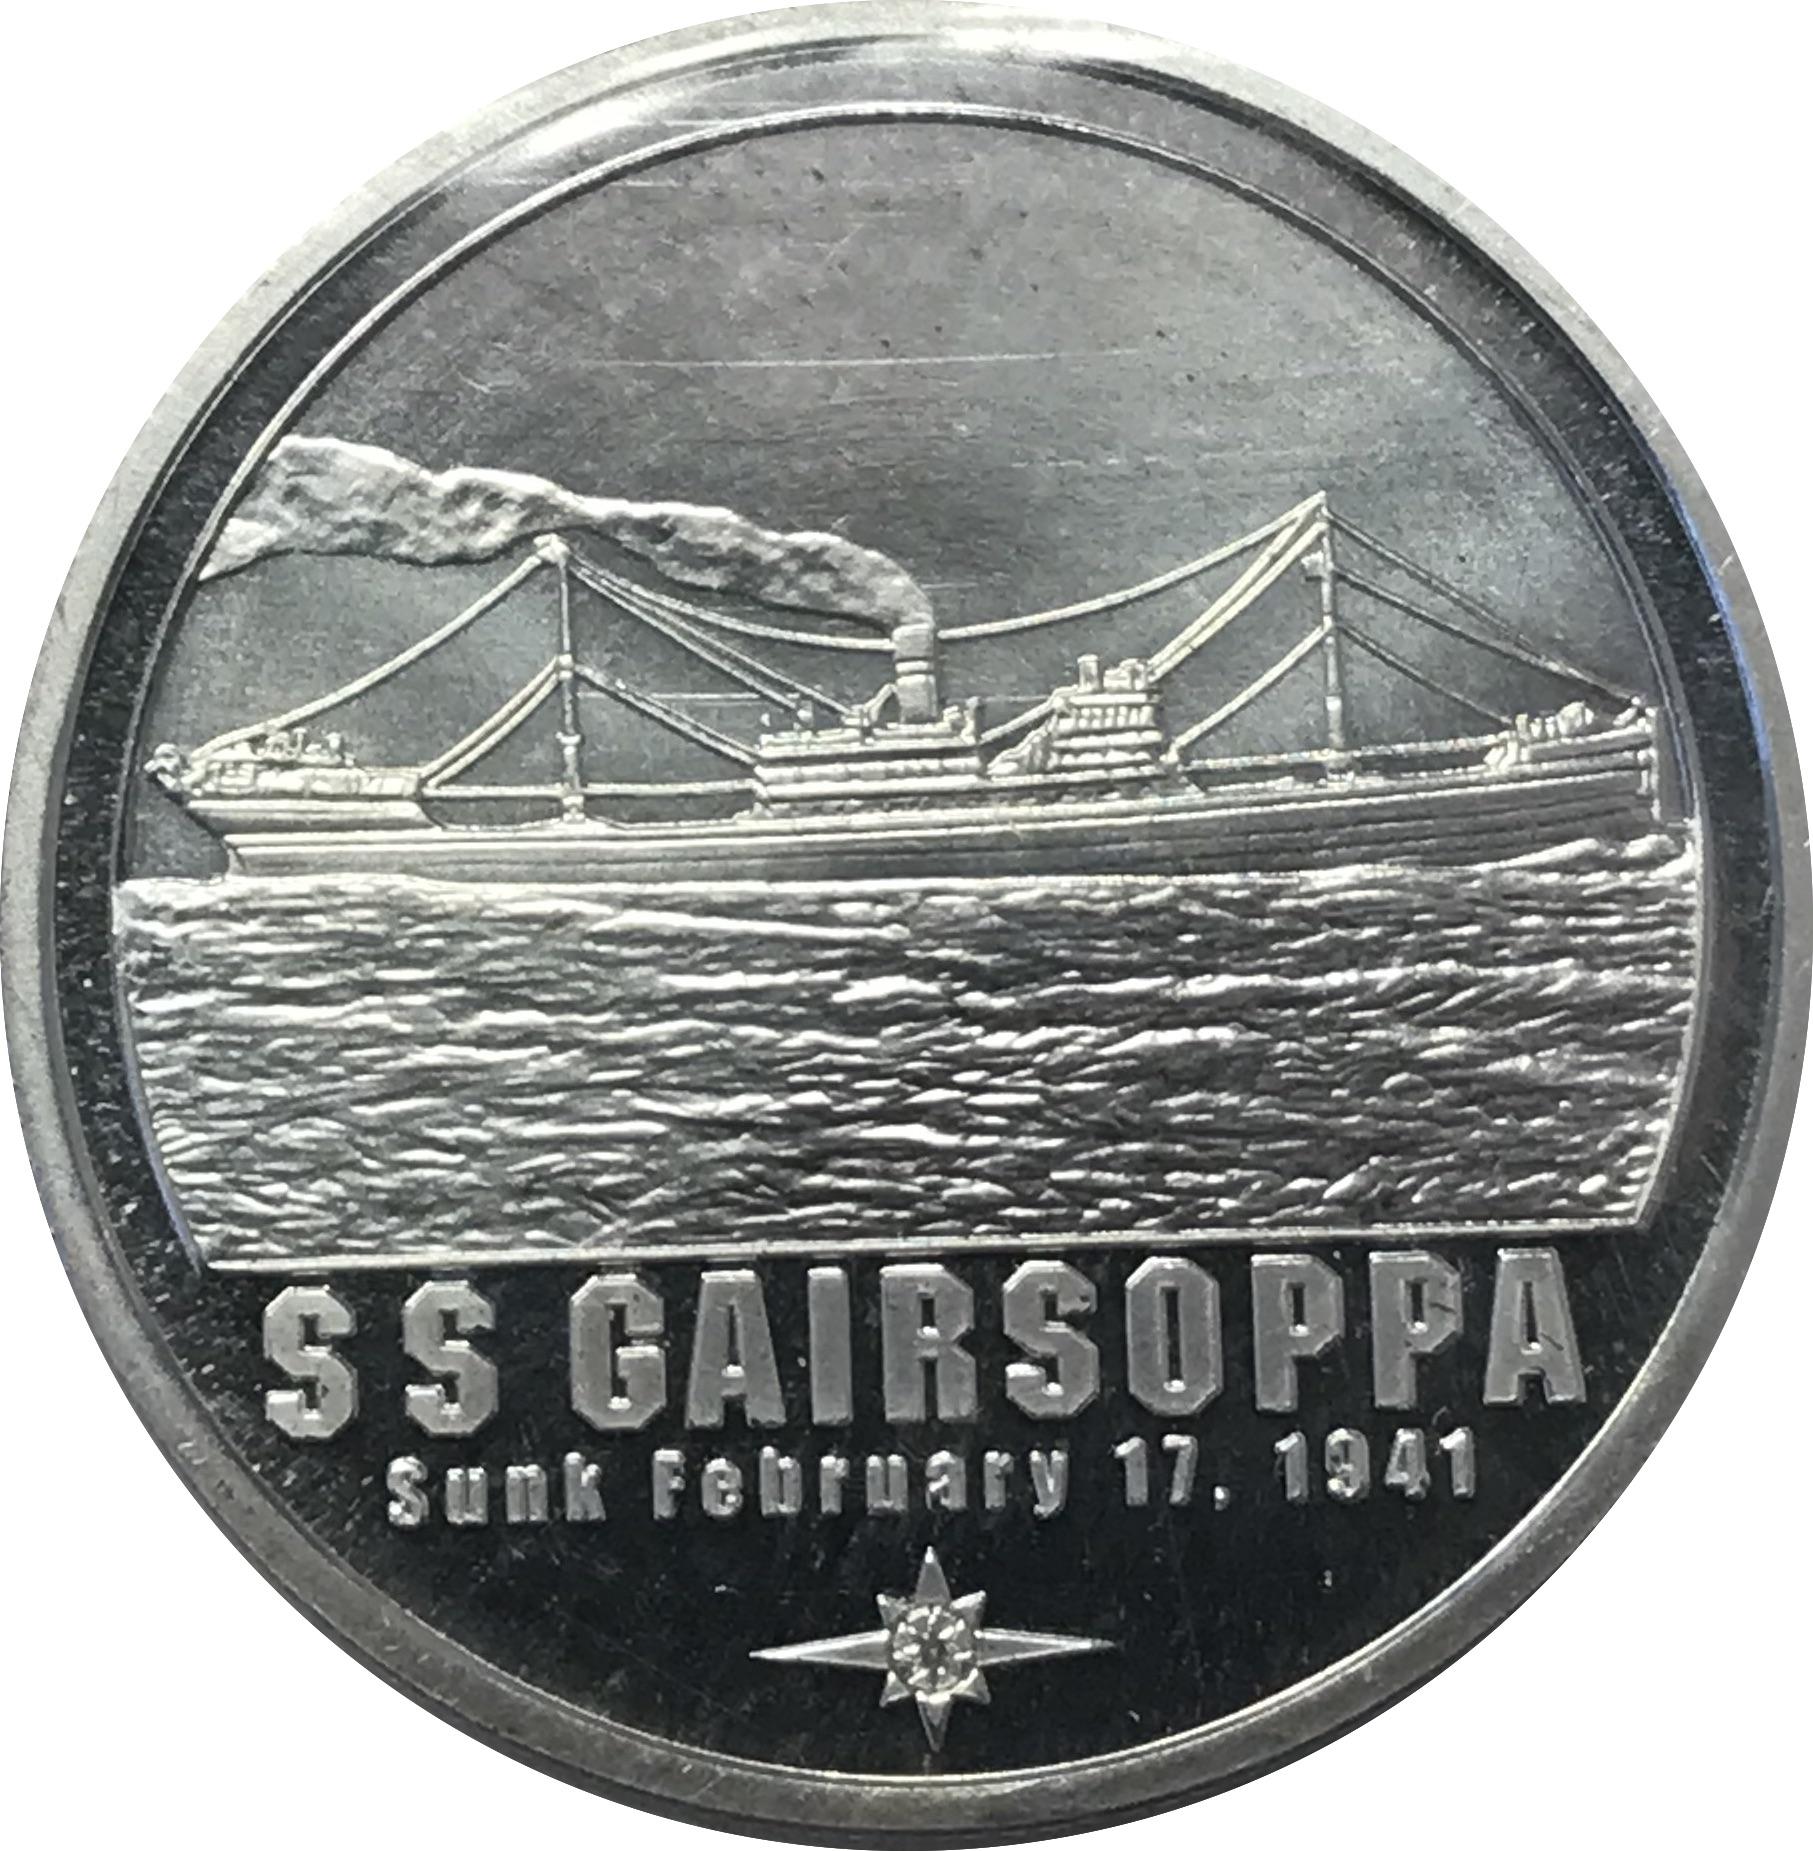 SS Gairsoppa Shipwreck Silver .999 1 oz silver round RARE!